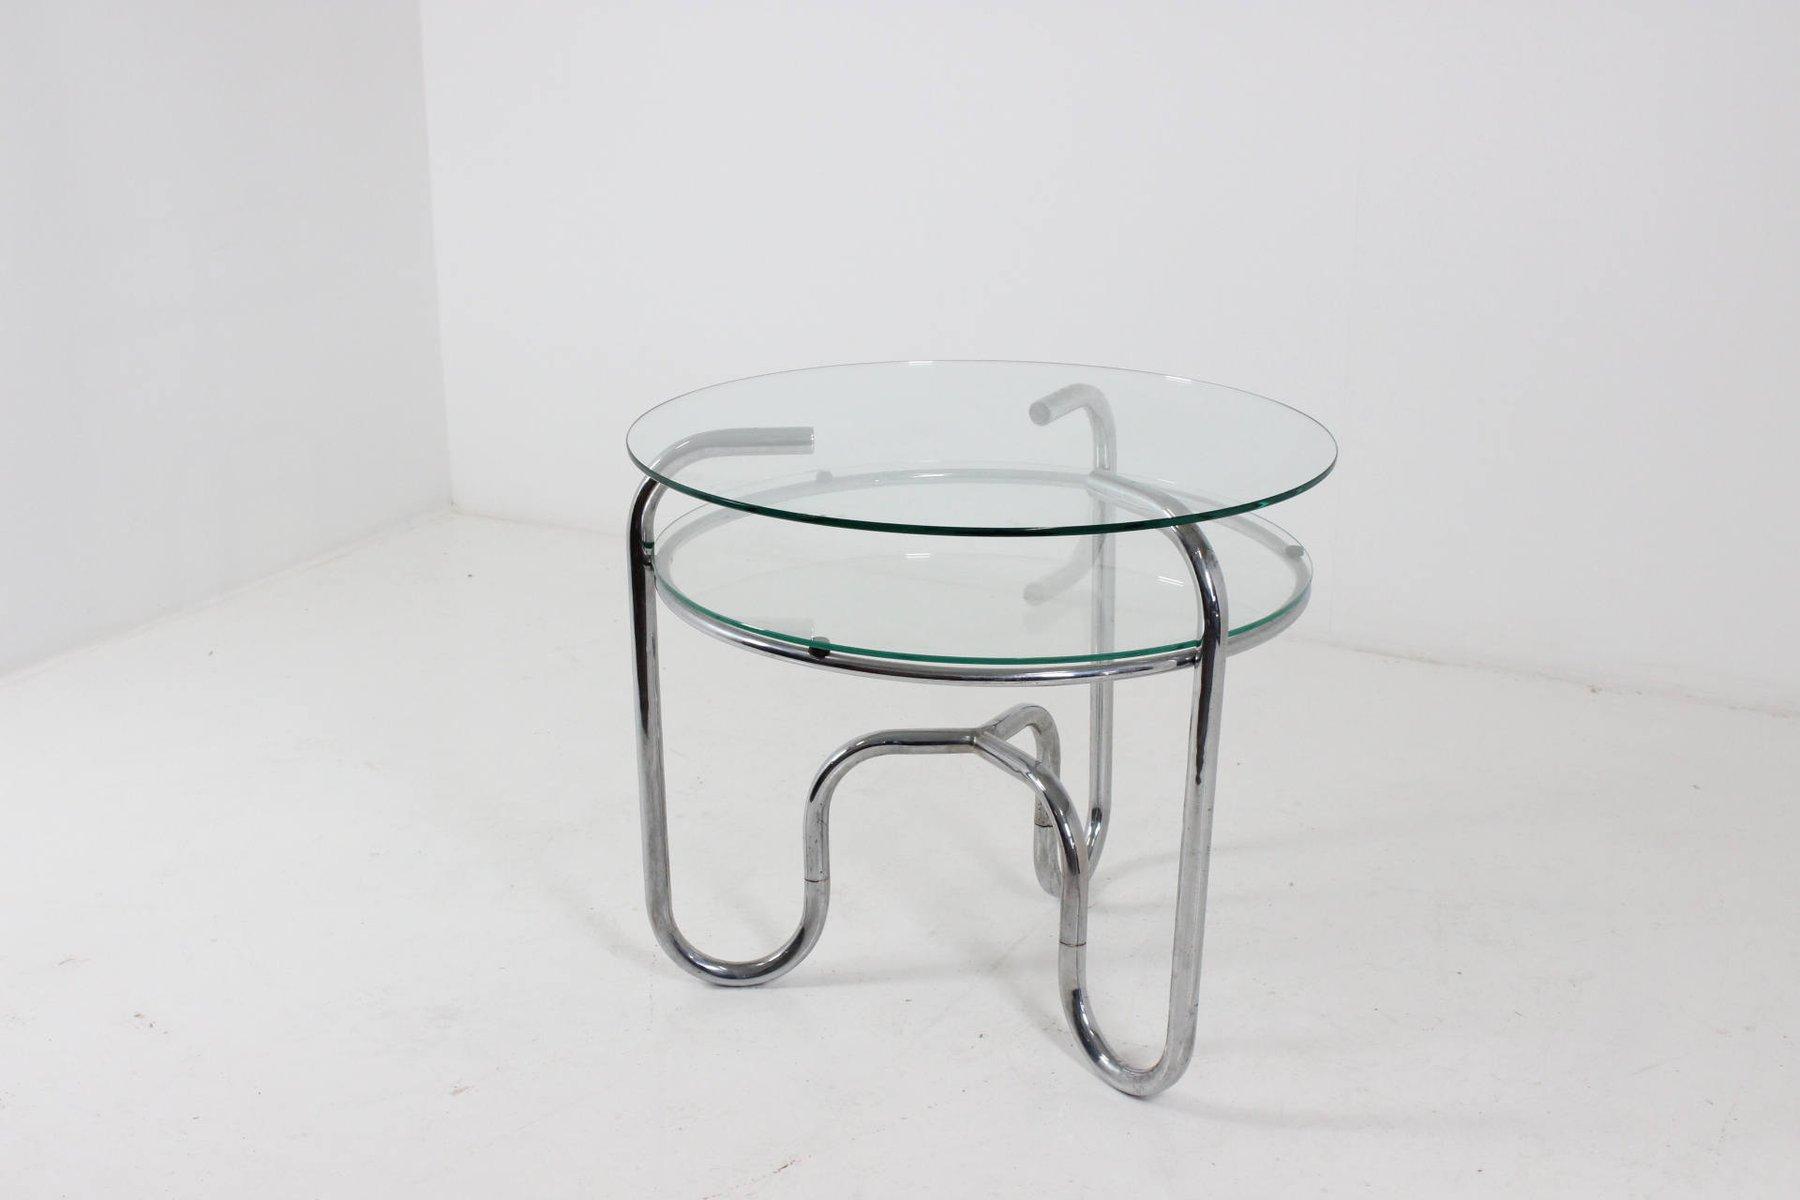 best tavolo vintage in acciaio tubolare cromato e vetro repubblica ceca anni u with tavoli in acciaio e vetro